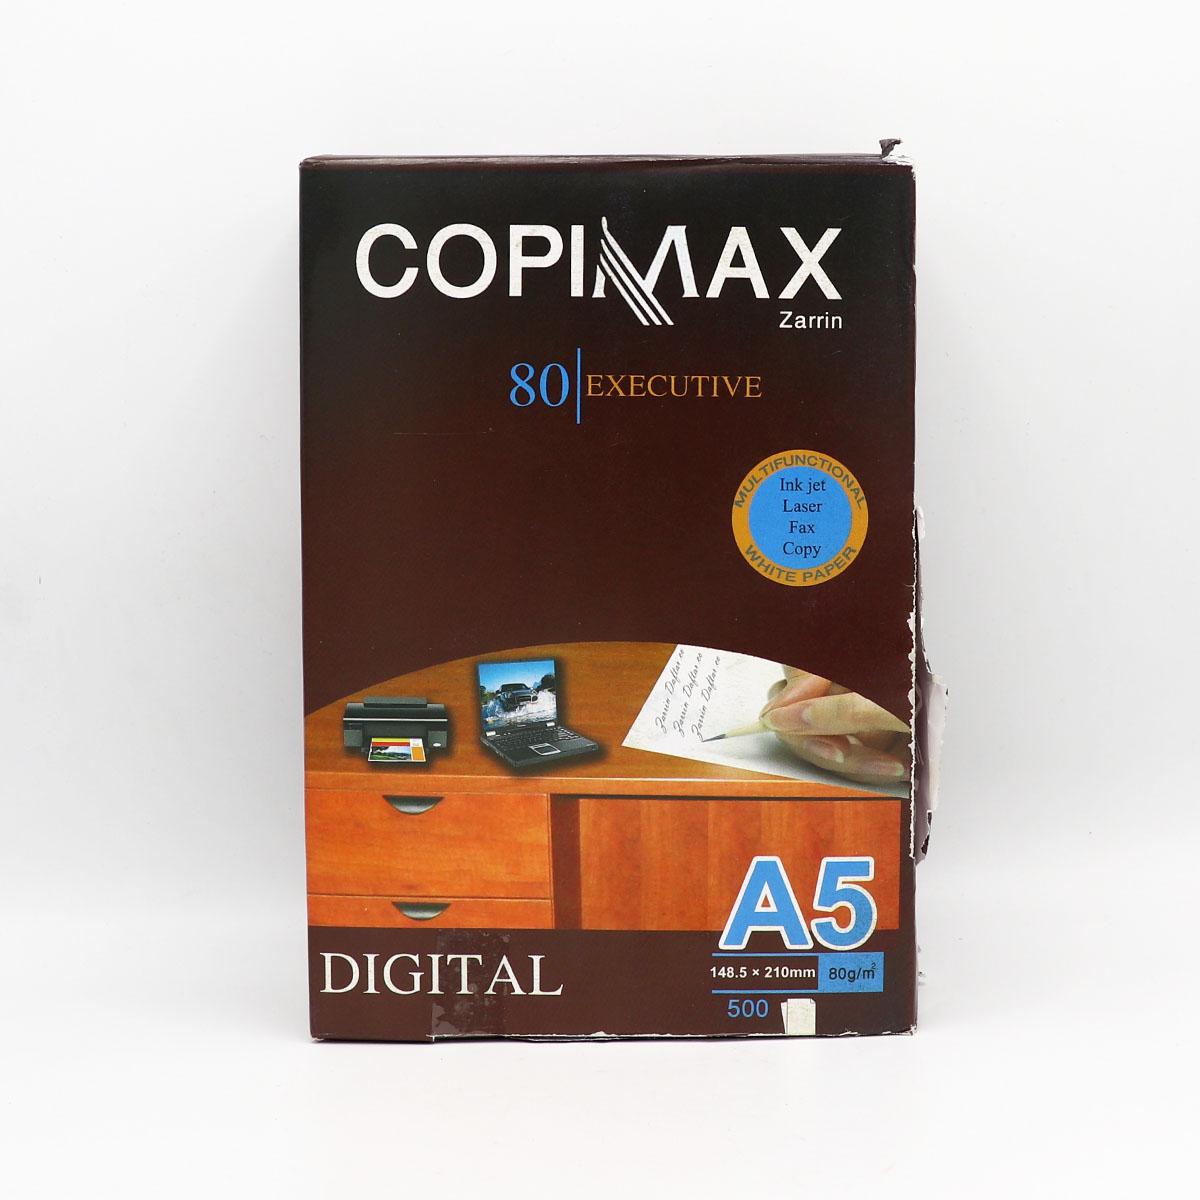 بسته کاغذ 500برگ 80گرمیA5کپی مکس